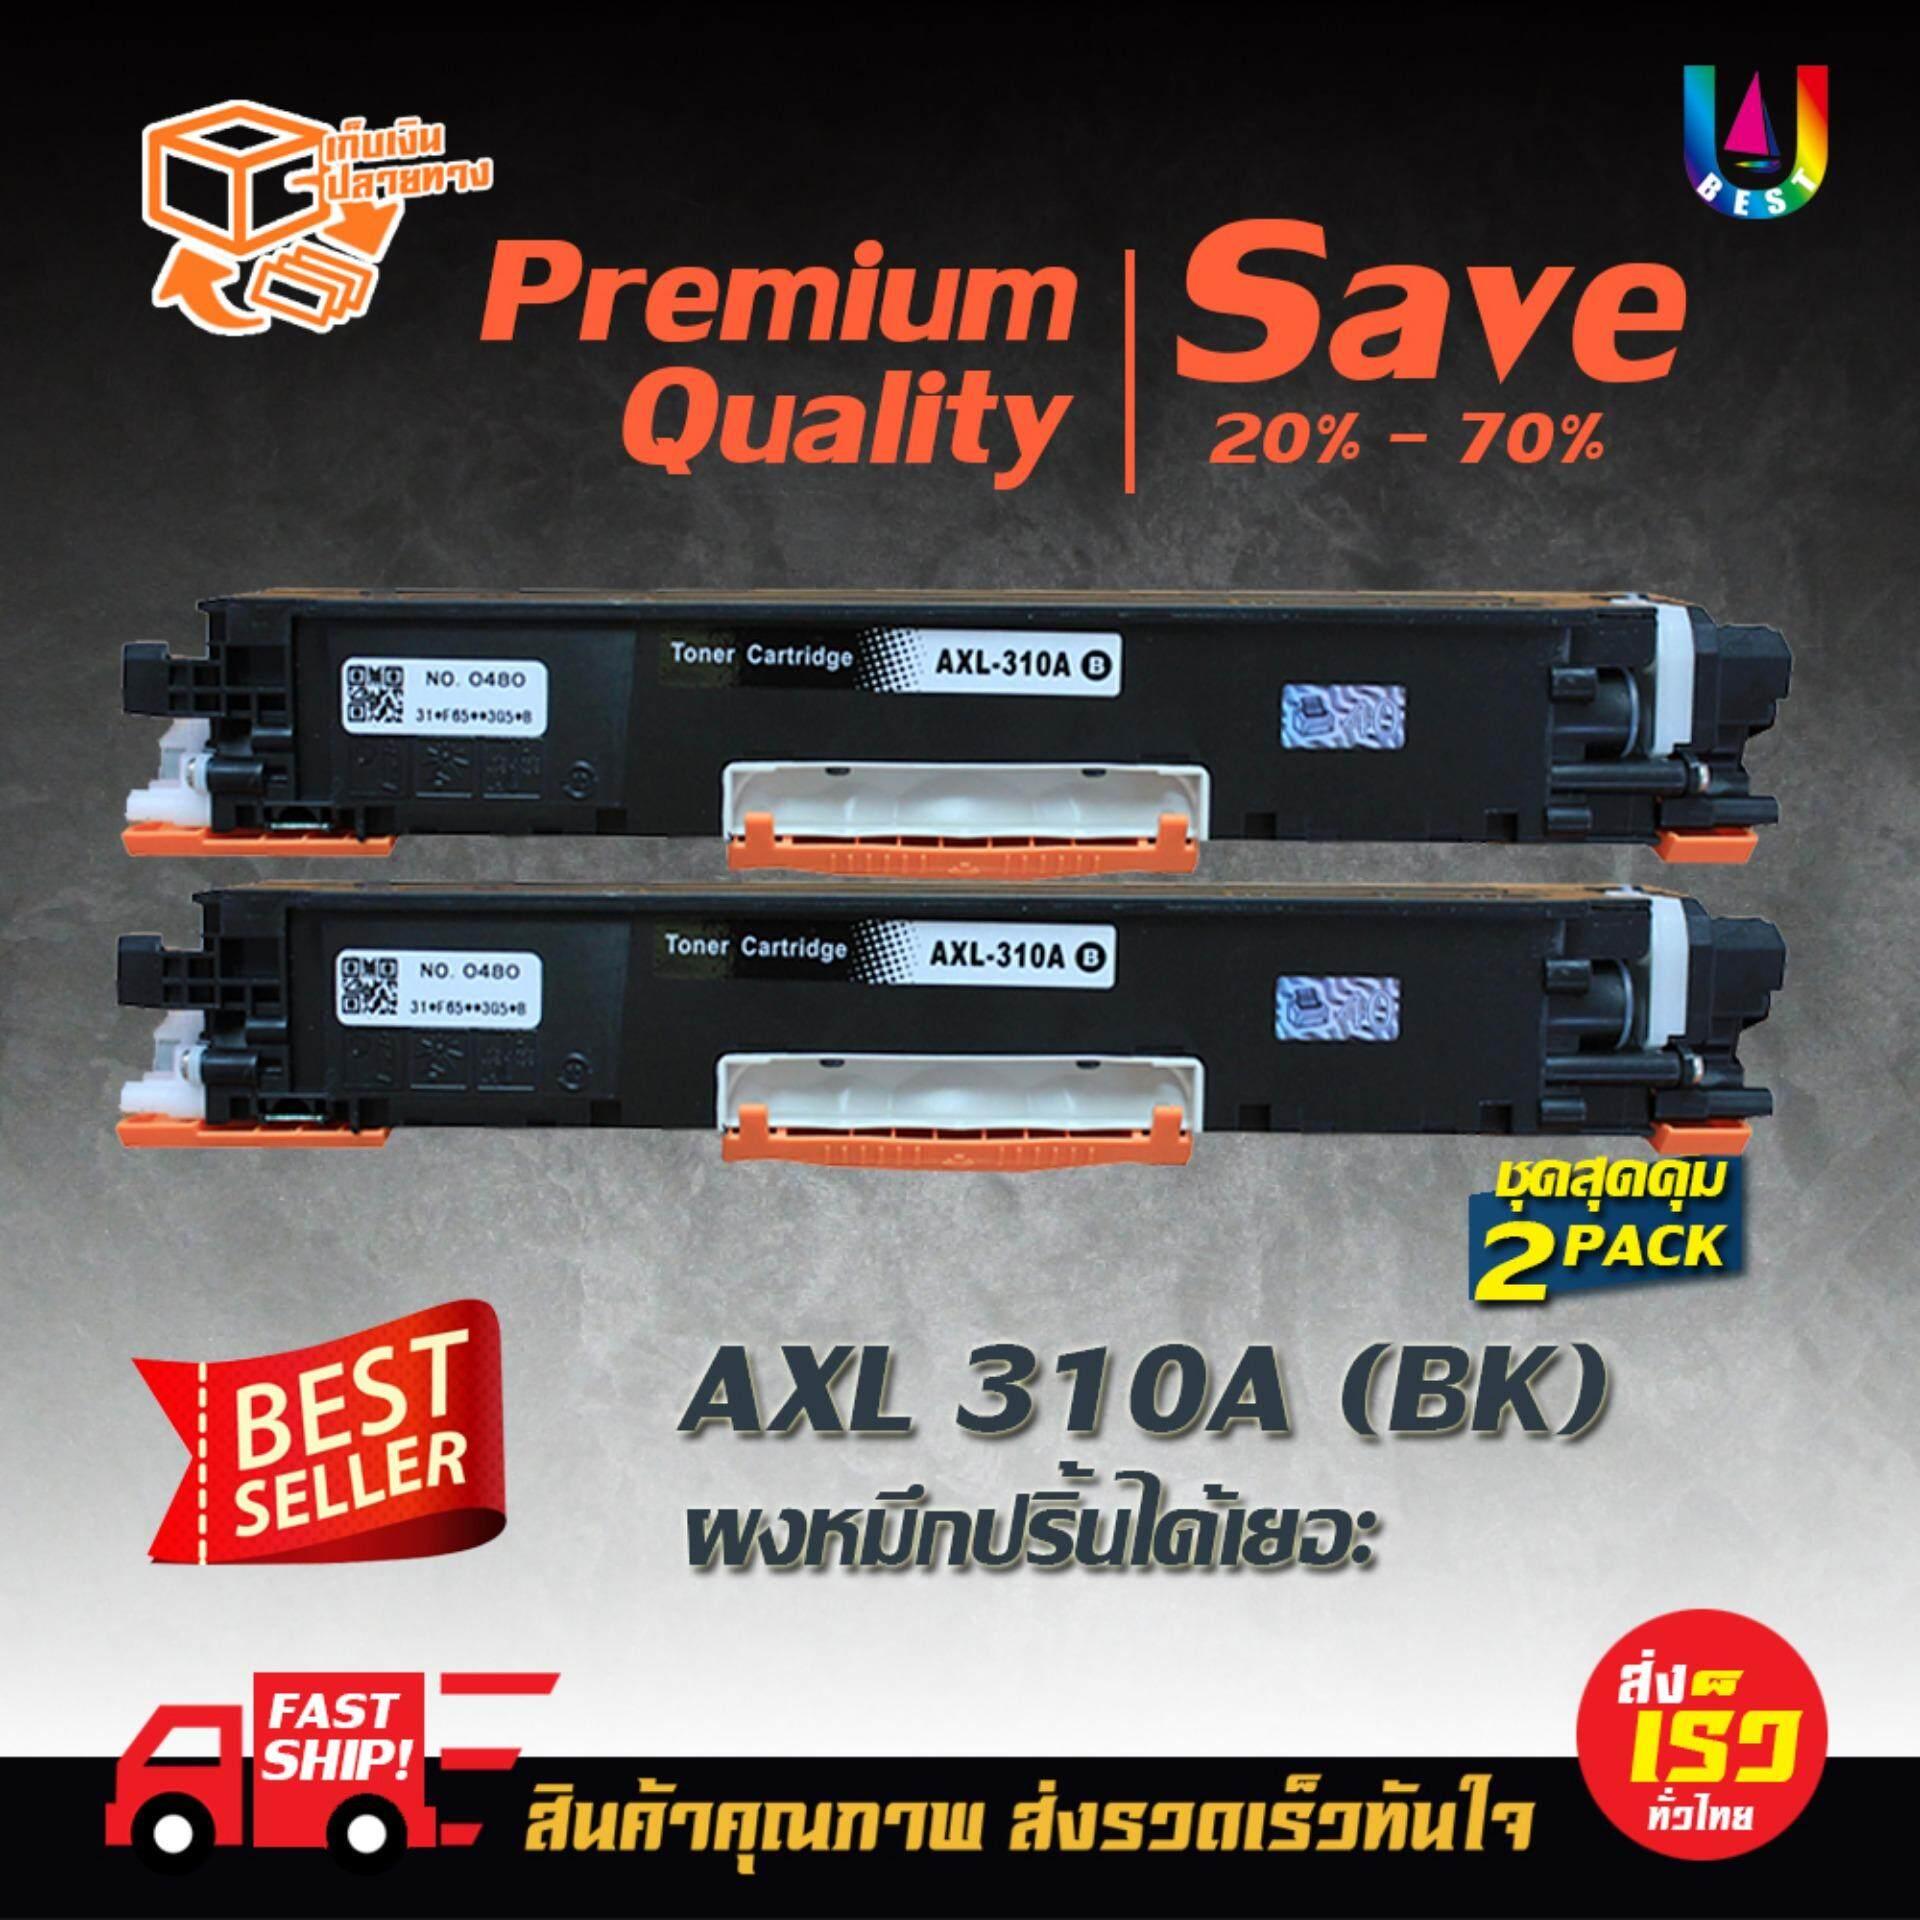 ราคา Axis Hp Cp1025 Cp1025Nw M175A M175Nw M275 Laser Toner Cartridge Ce310A Ce310 310A 126A Toozuzu Pack 2 Toozuzu ออนไลน์